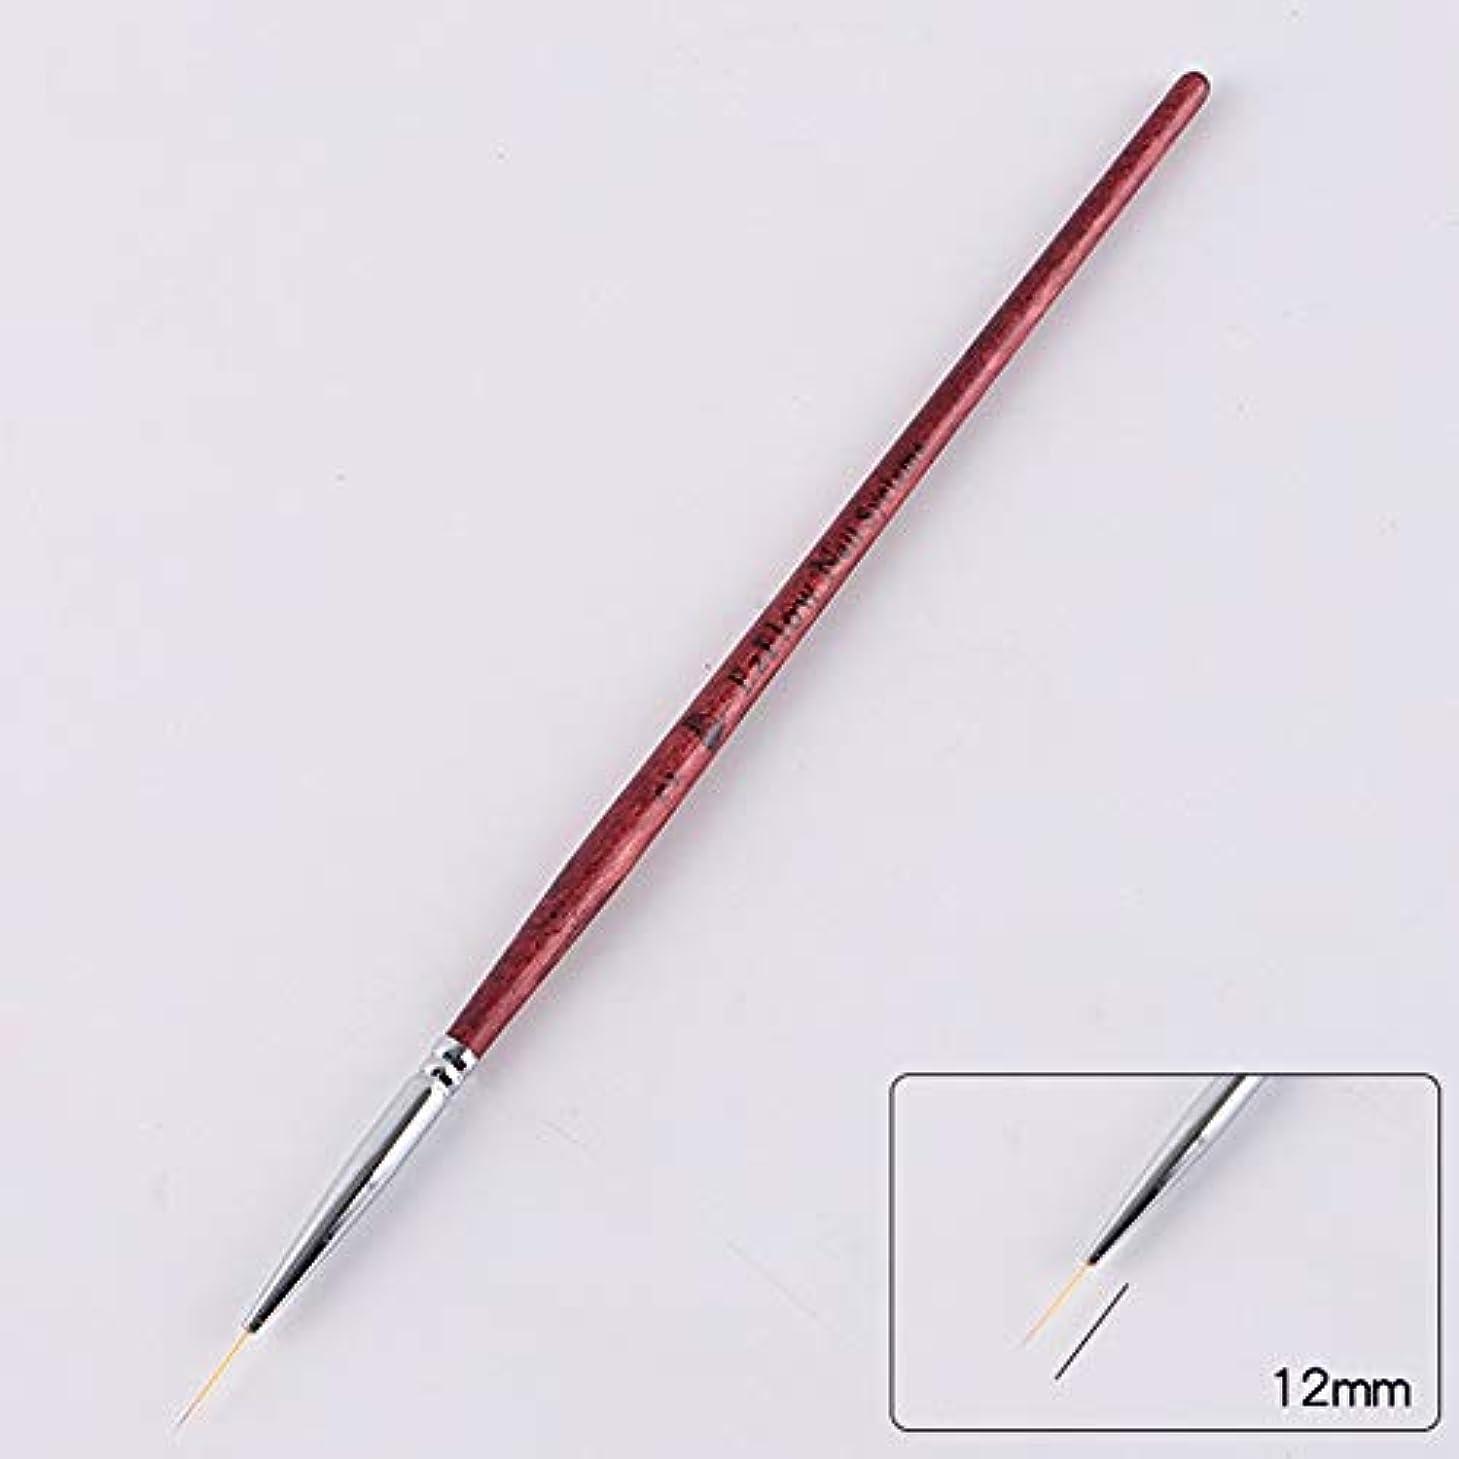 等々合理化関与するACHICOO ネイルブラシ ネイルアートライナー ブラシペン DIY ネイルアート ドットツール ネイルアートペン用 初心者   2#1.2cm